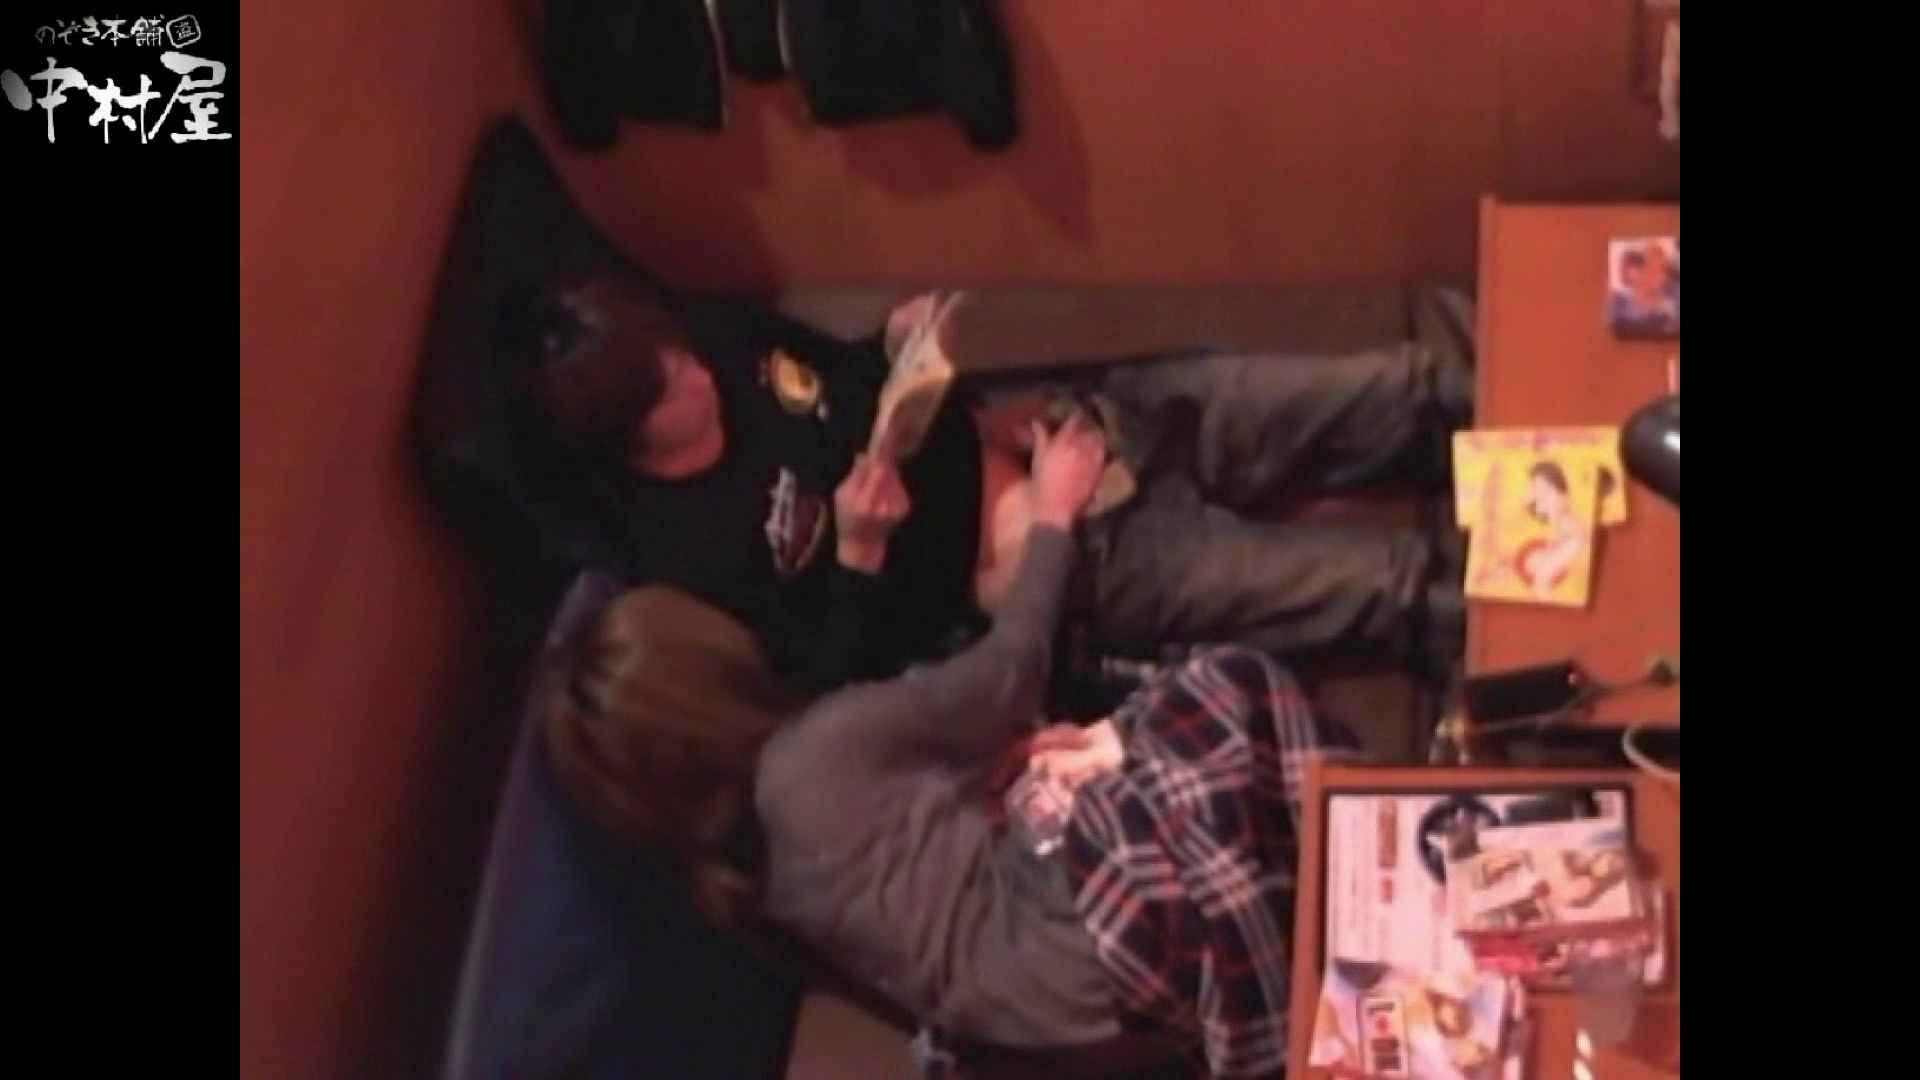 ネットカフェ盗撮師トロントさんの 素人カップル盗撮記vol.2 乳首 のぞき動画画像 70枚 5